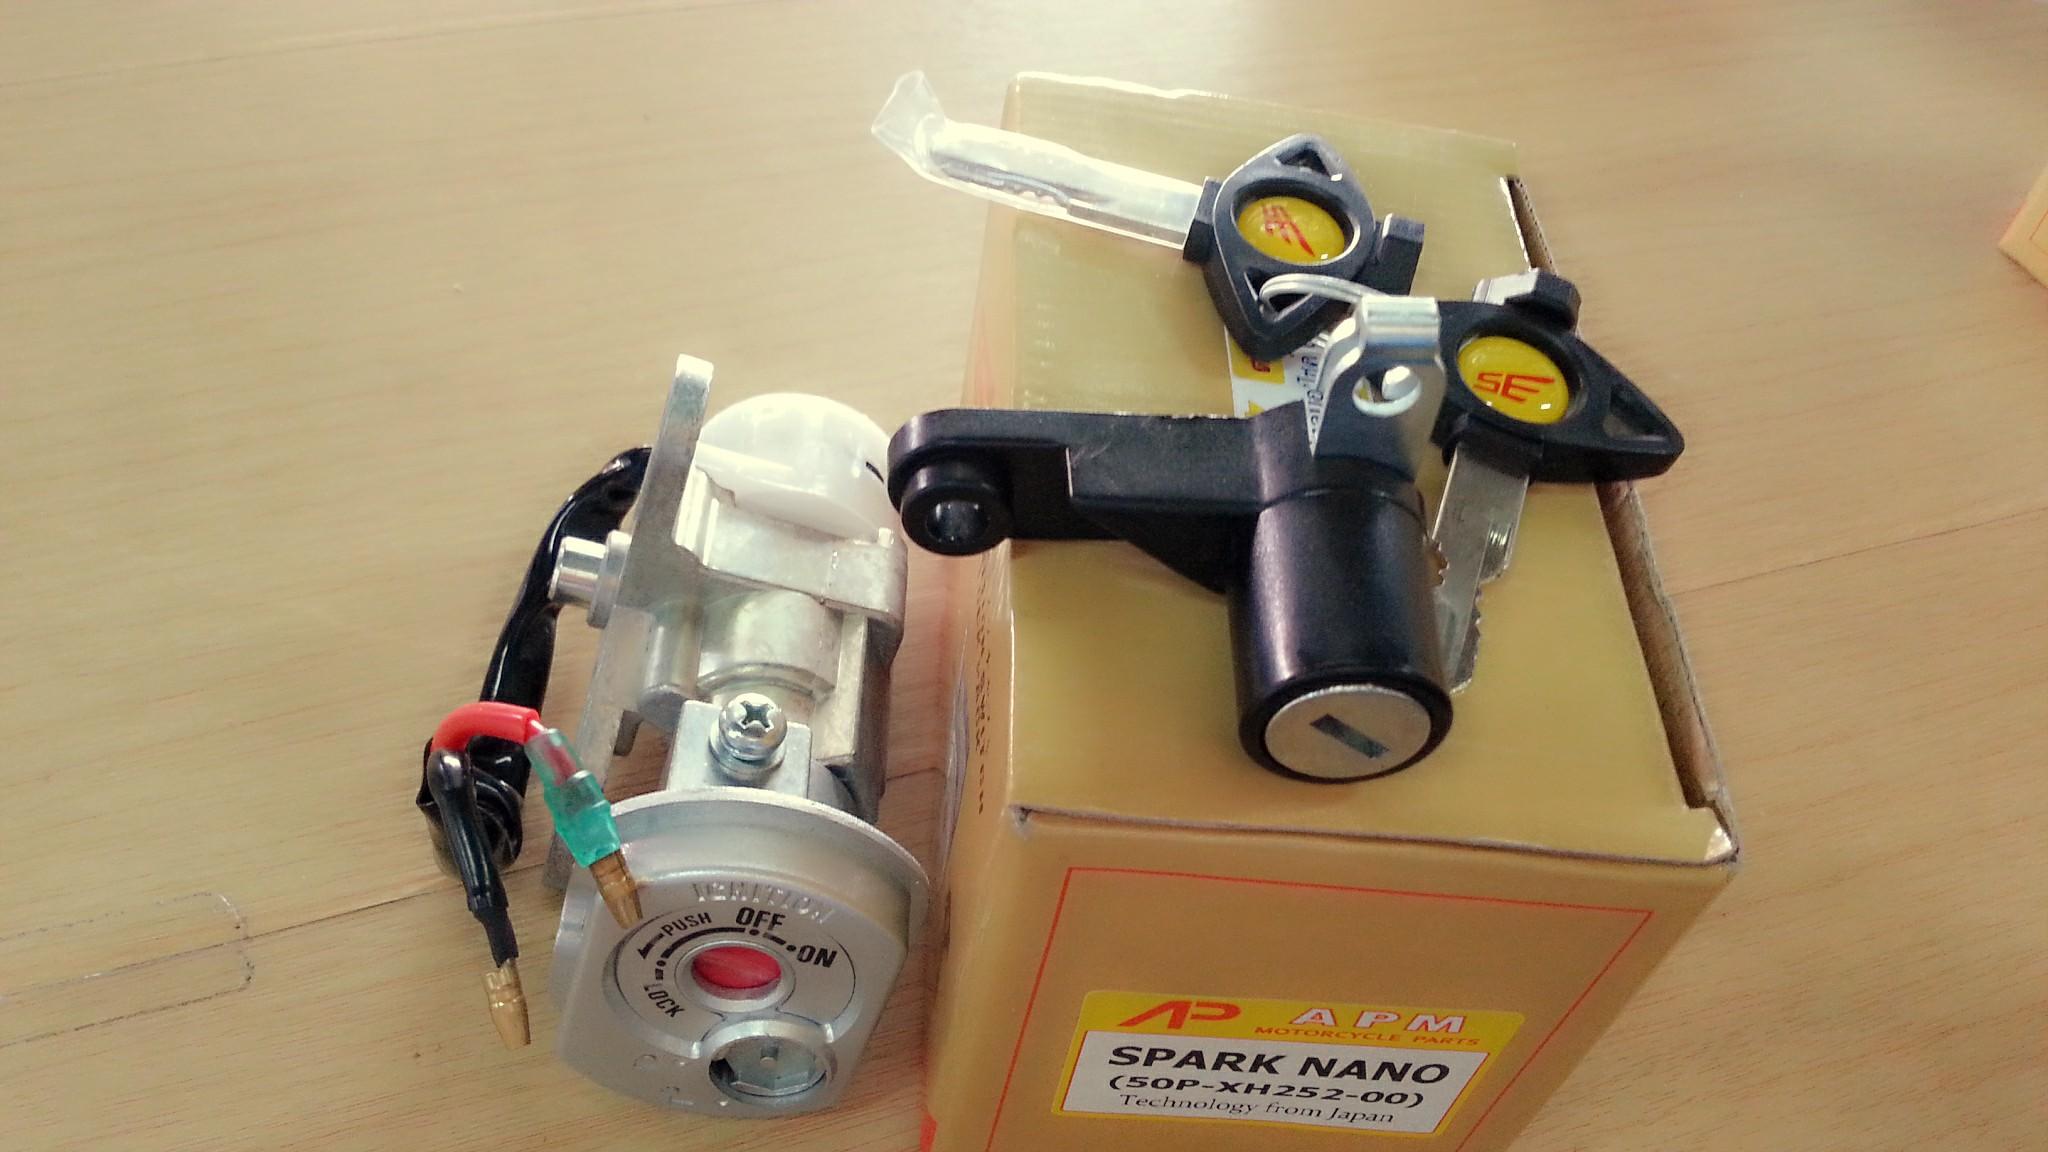 สวิทช์กุญแจ SPARK NANO ( สปาร์คนาโน)